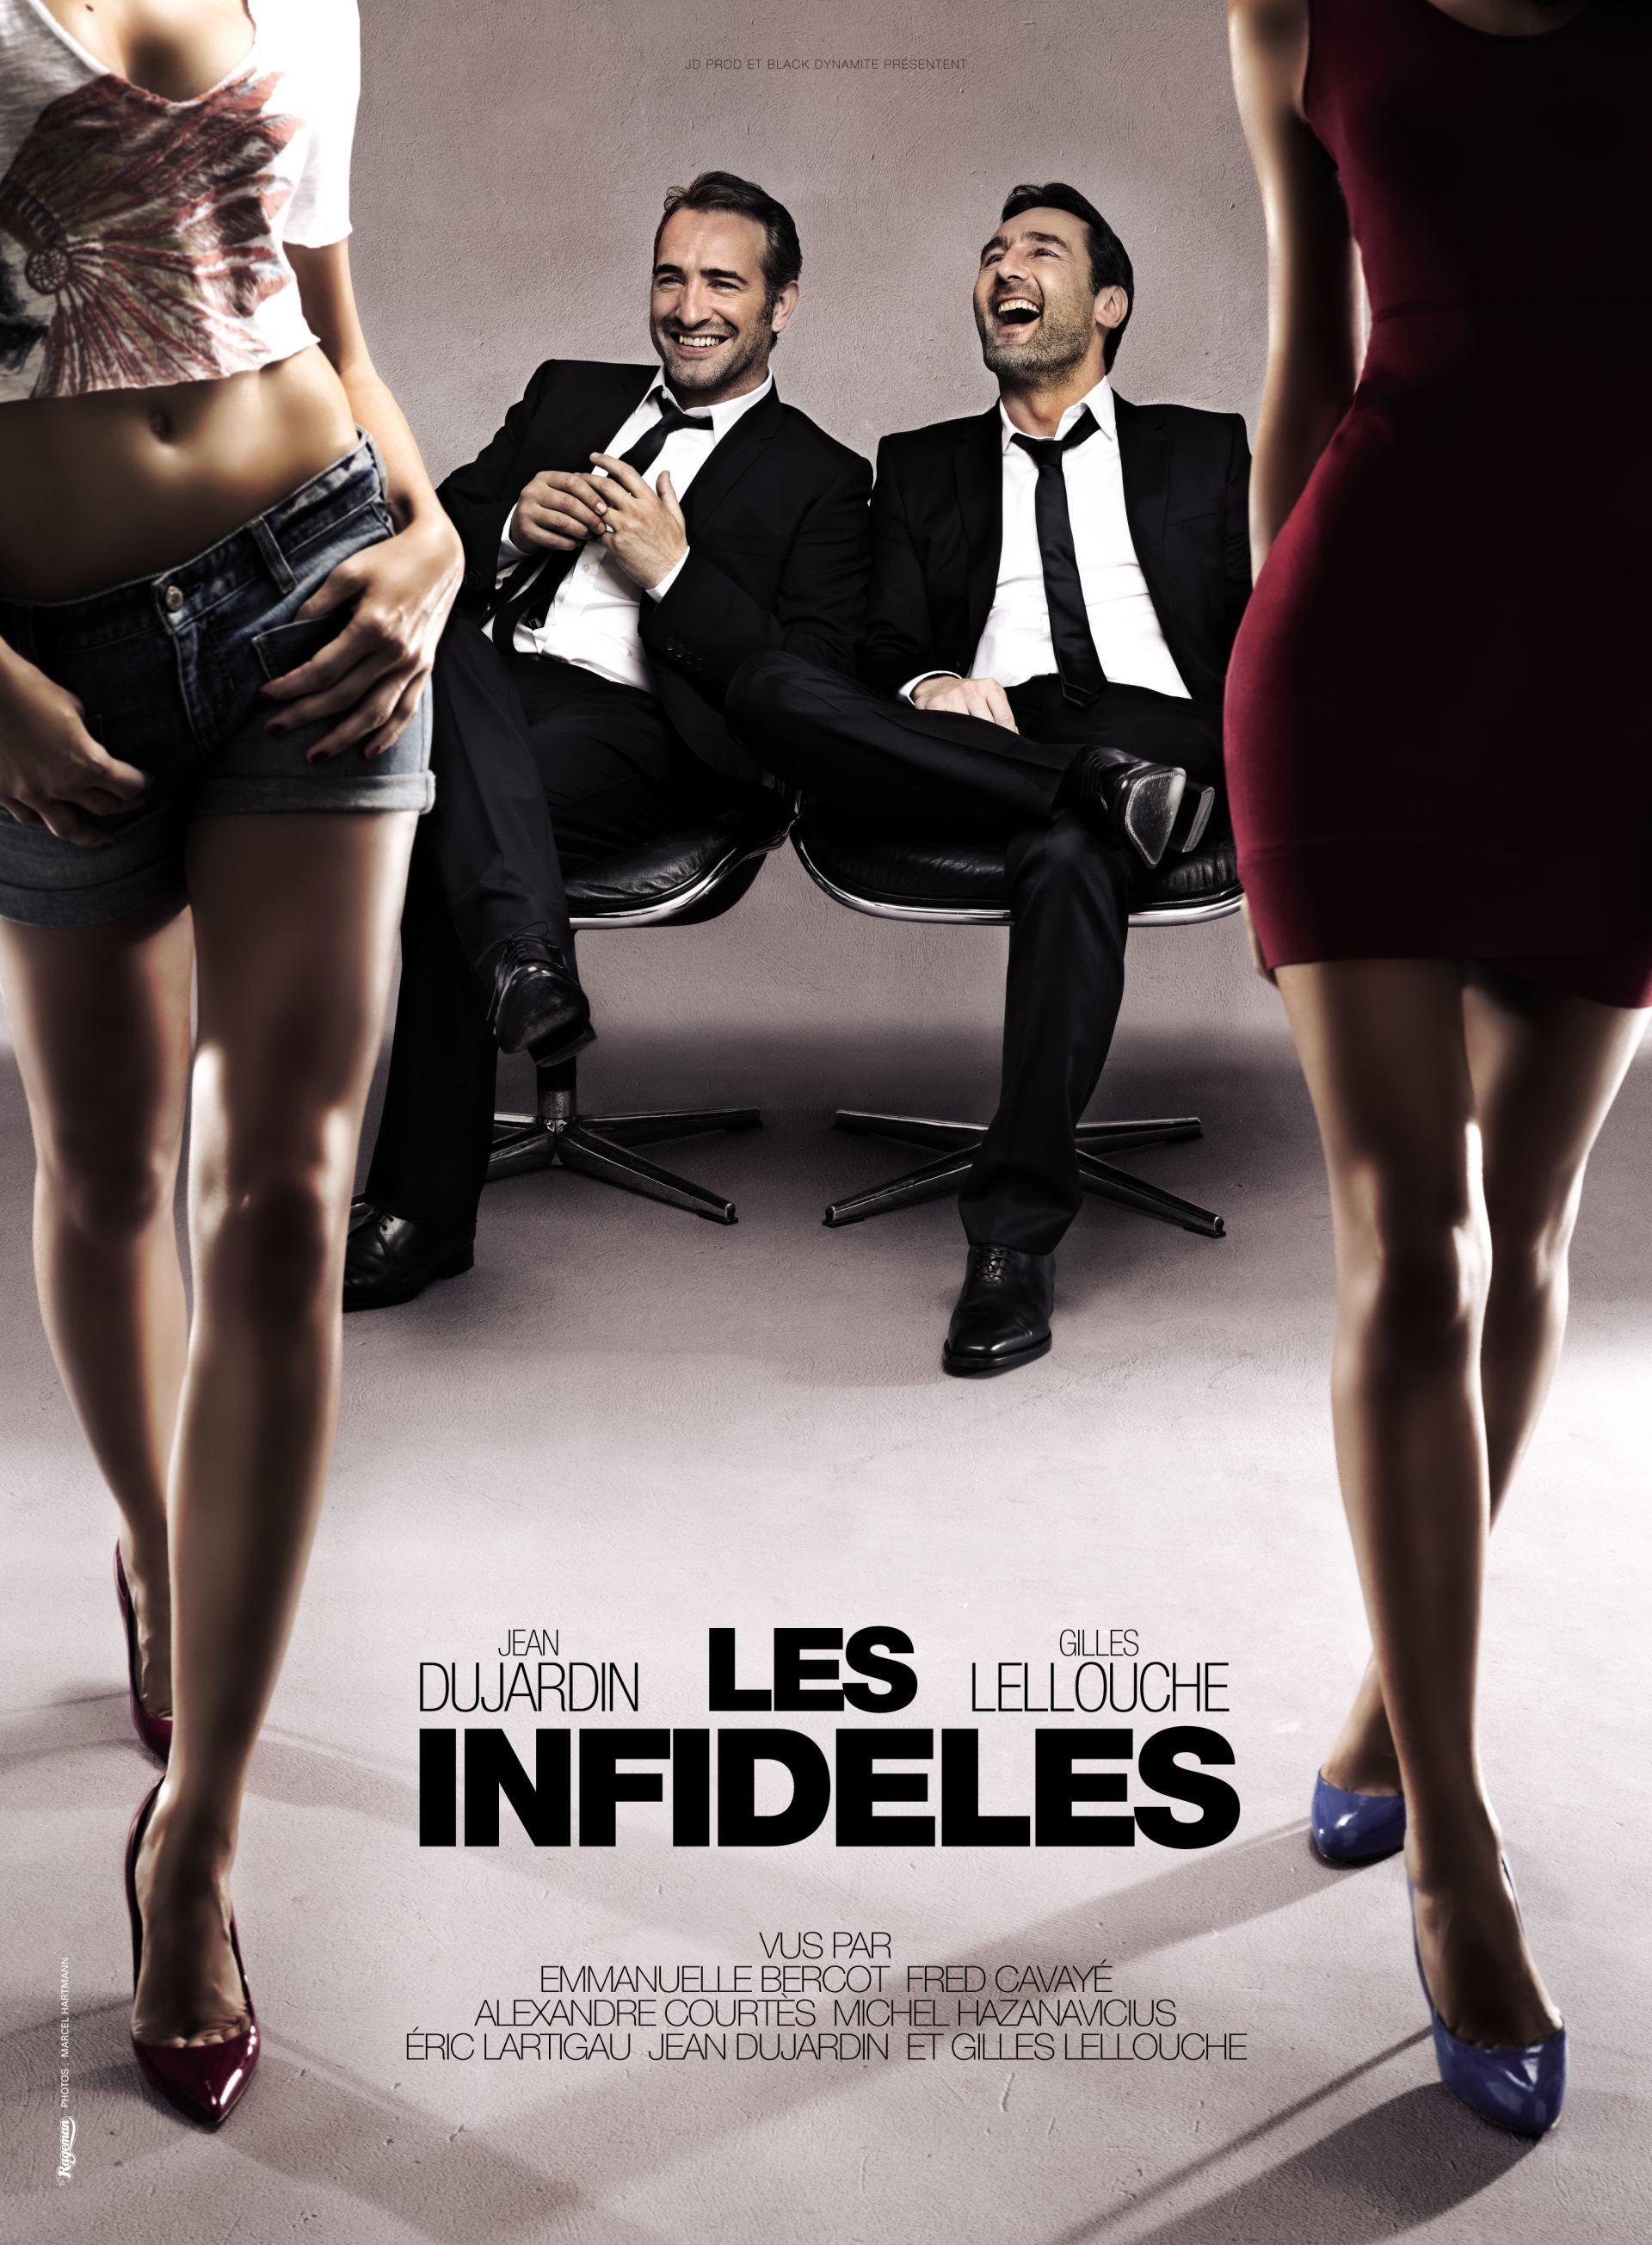 Les infid les film 2012 senscritique for Infidele jean dujardin